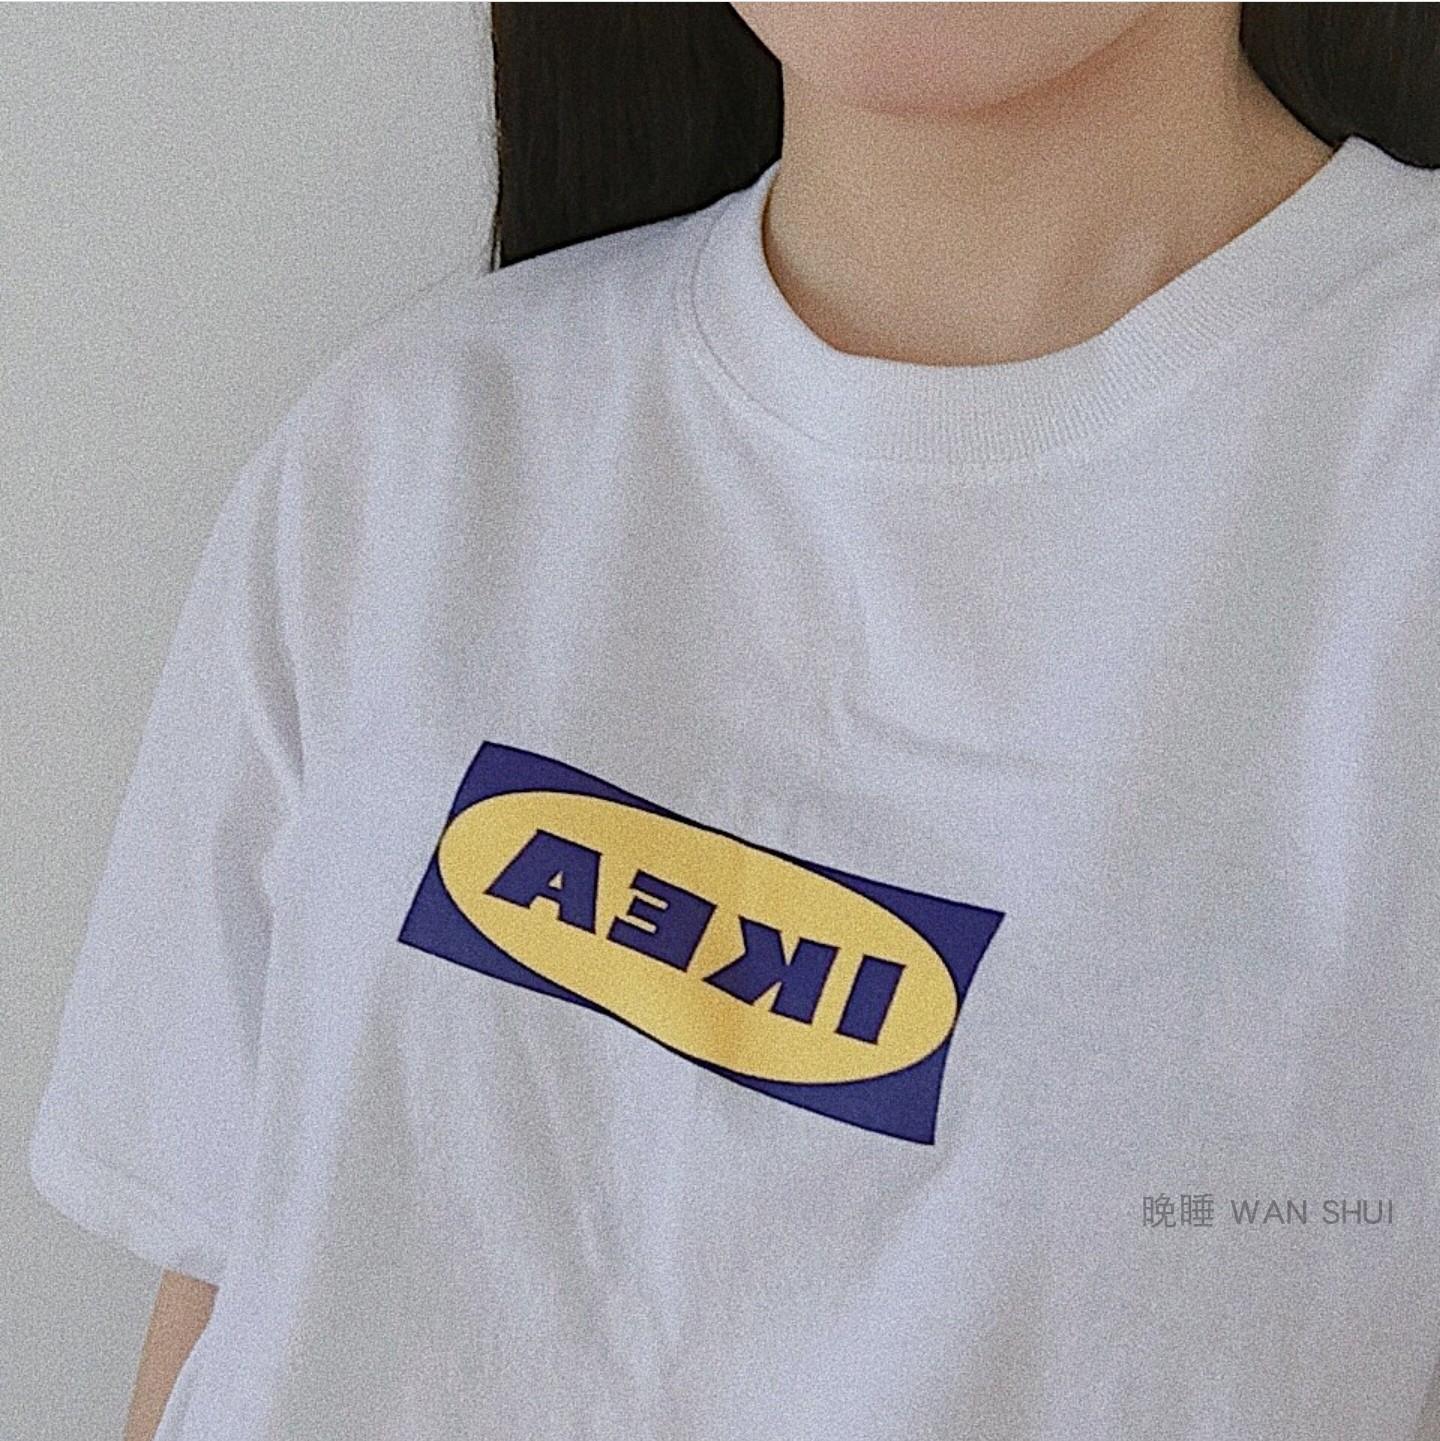 晚睡/实拍自制高INS同款超火品质IKEA短袖宜家T恤休闲宽松tee男女